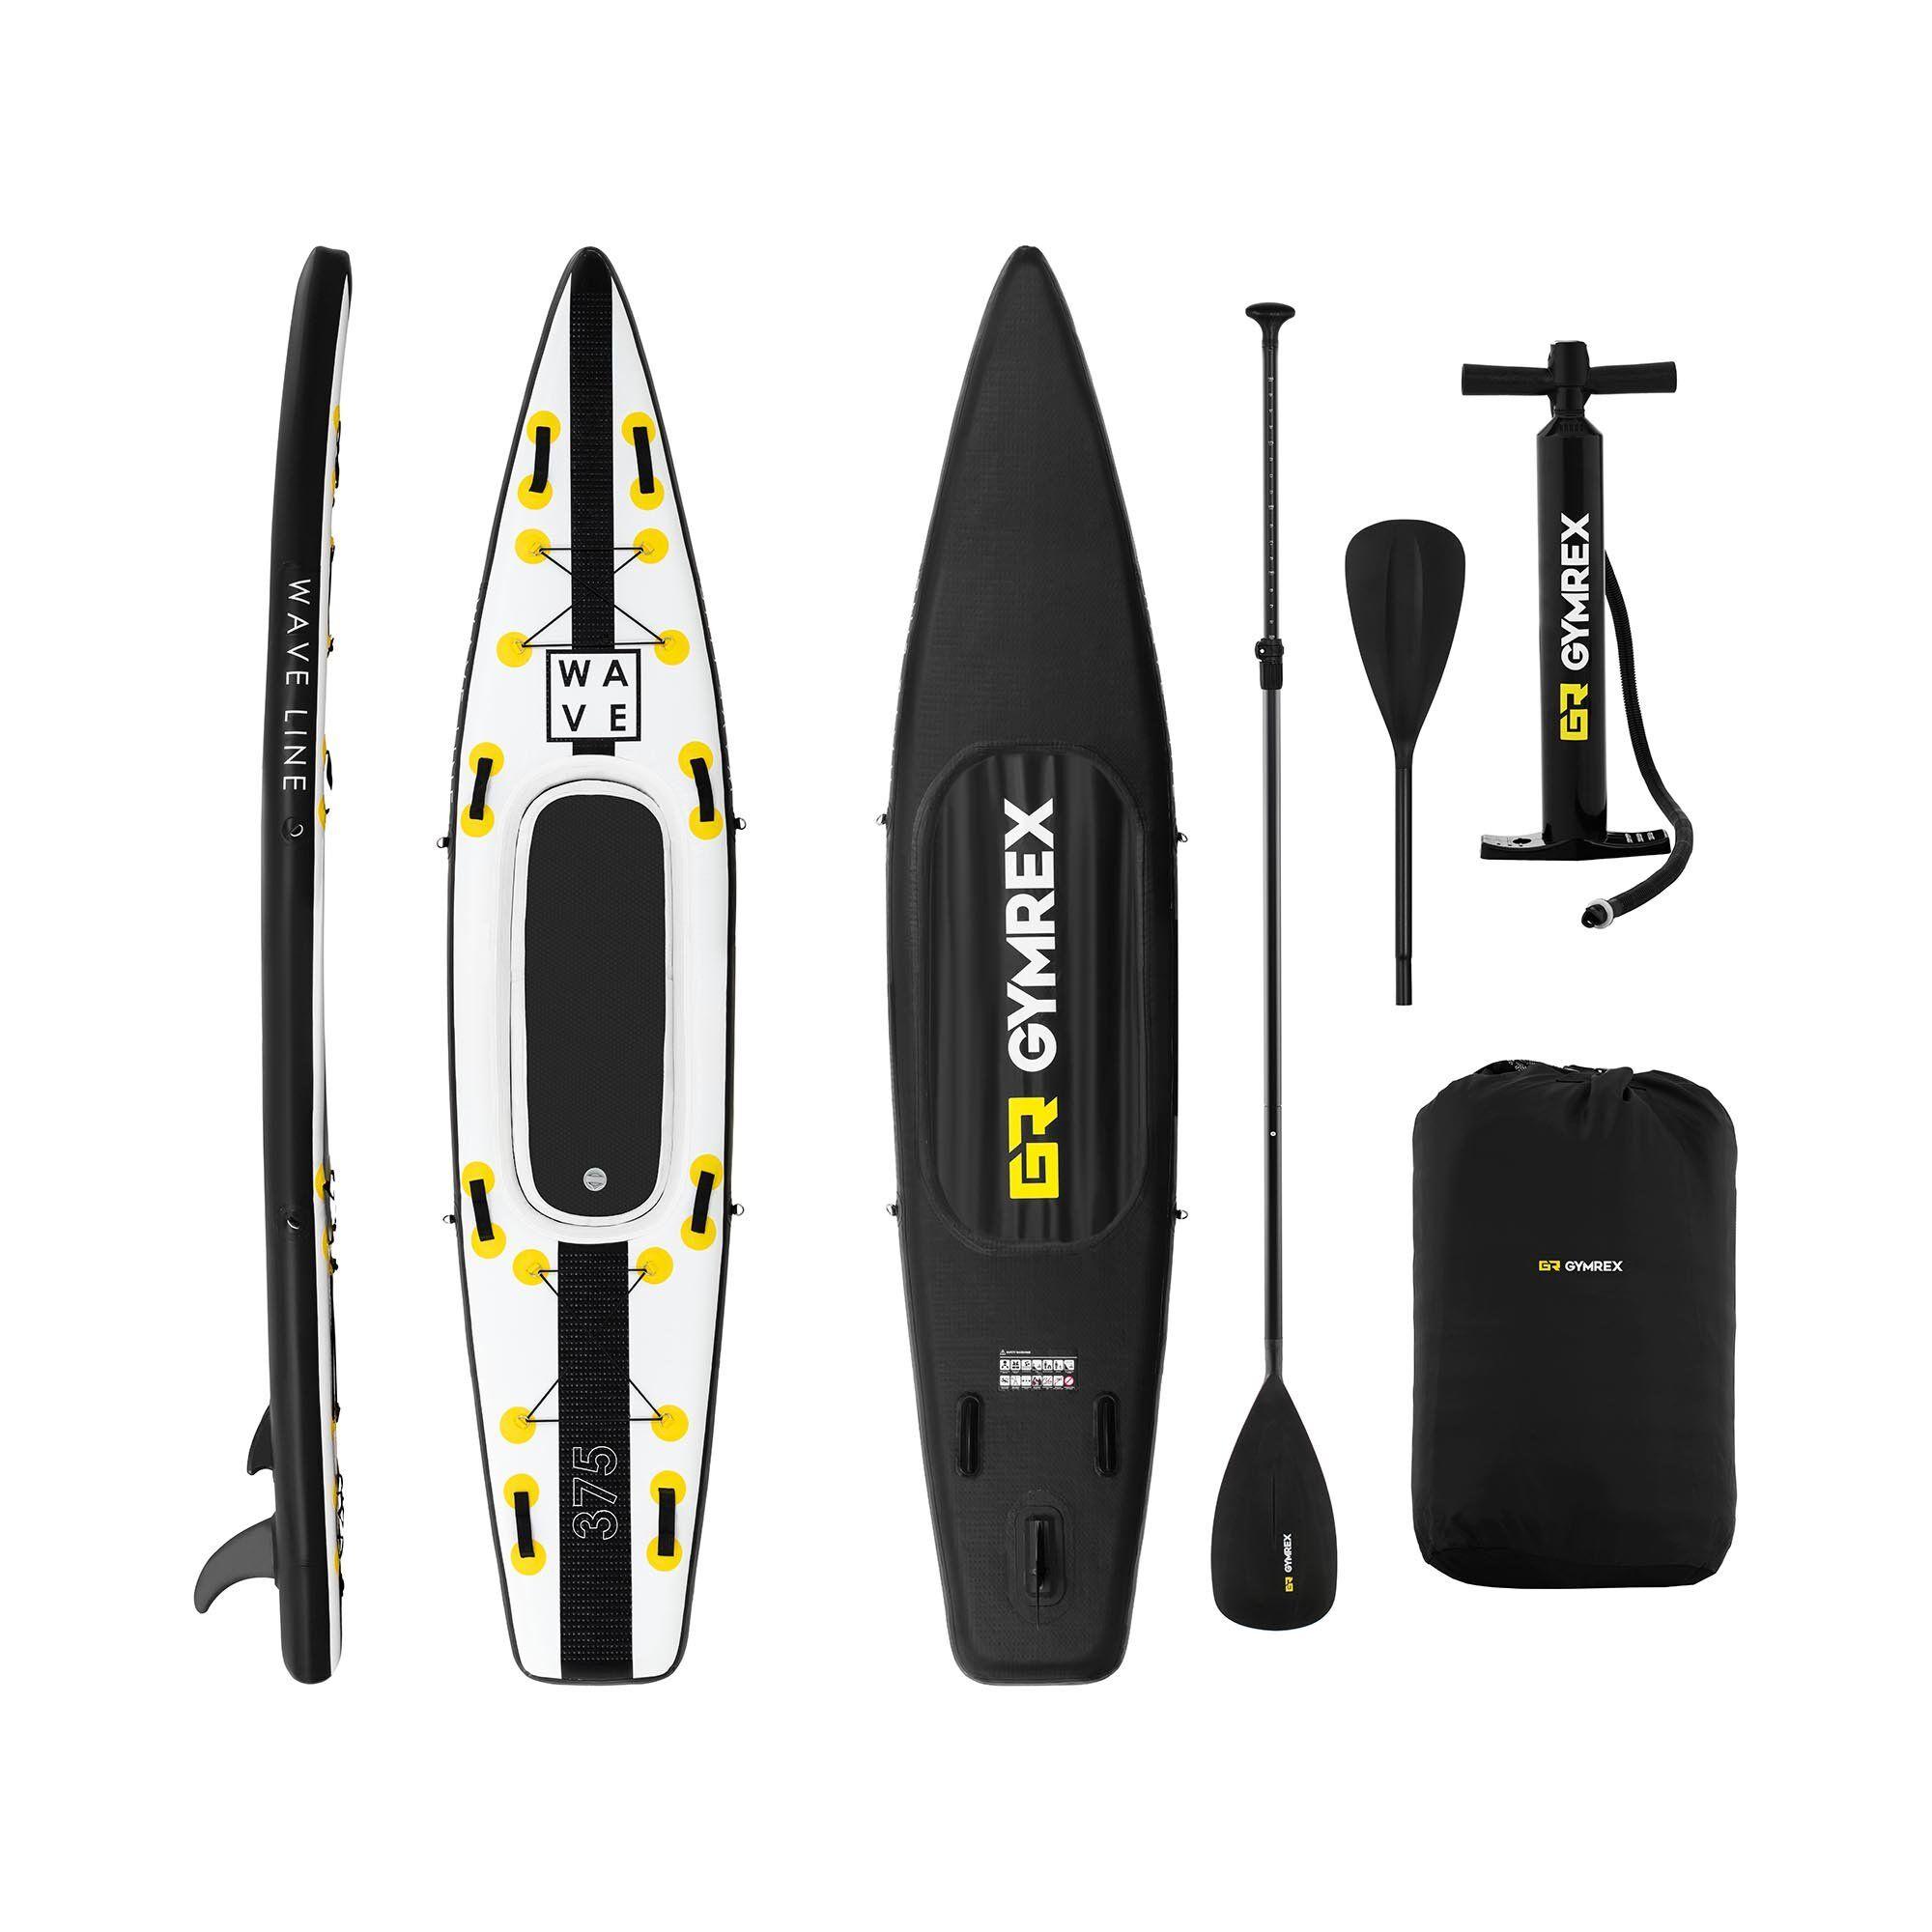 Gymrex Paddle-board - 120 kg - sort/gul - sæt inkl. paddel, sæde og tilbehør GR-SPB375